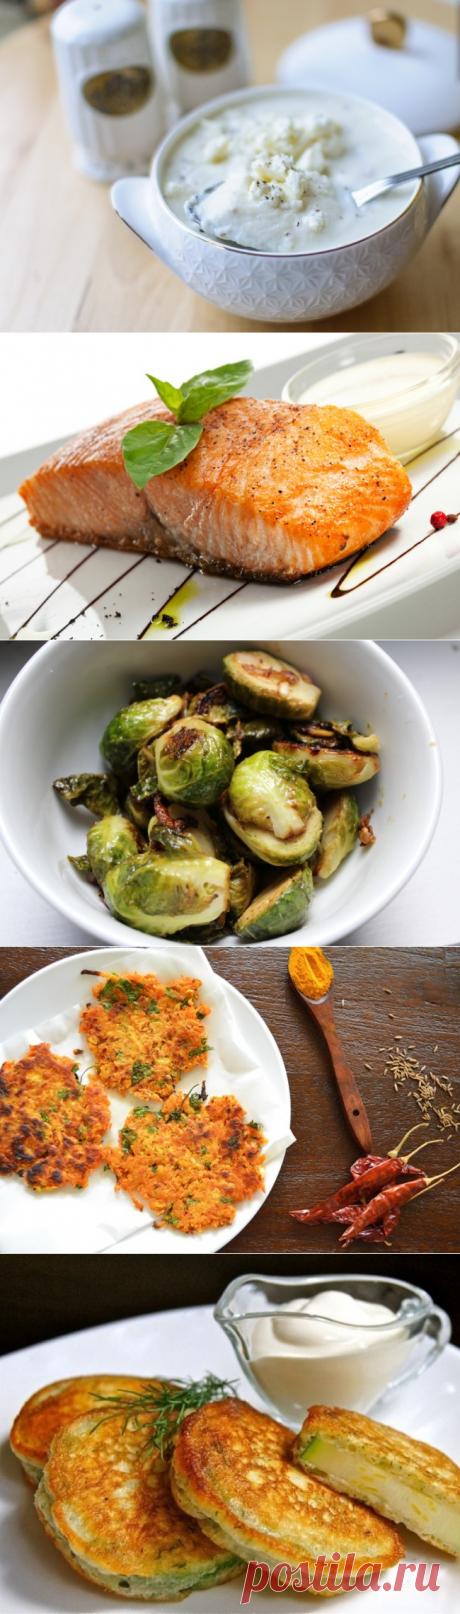 7 вкуснейших ужинов, на которые вы потратите меньше 20 минут